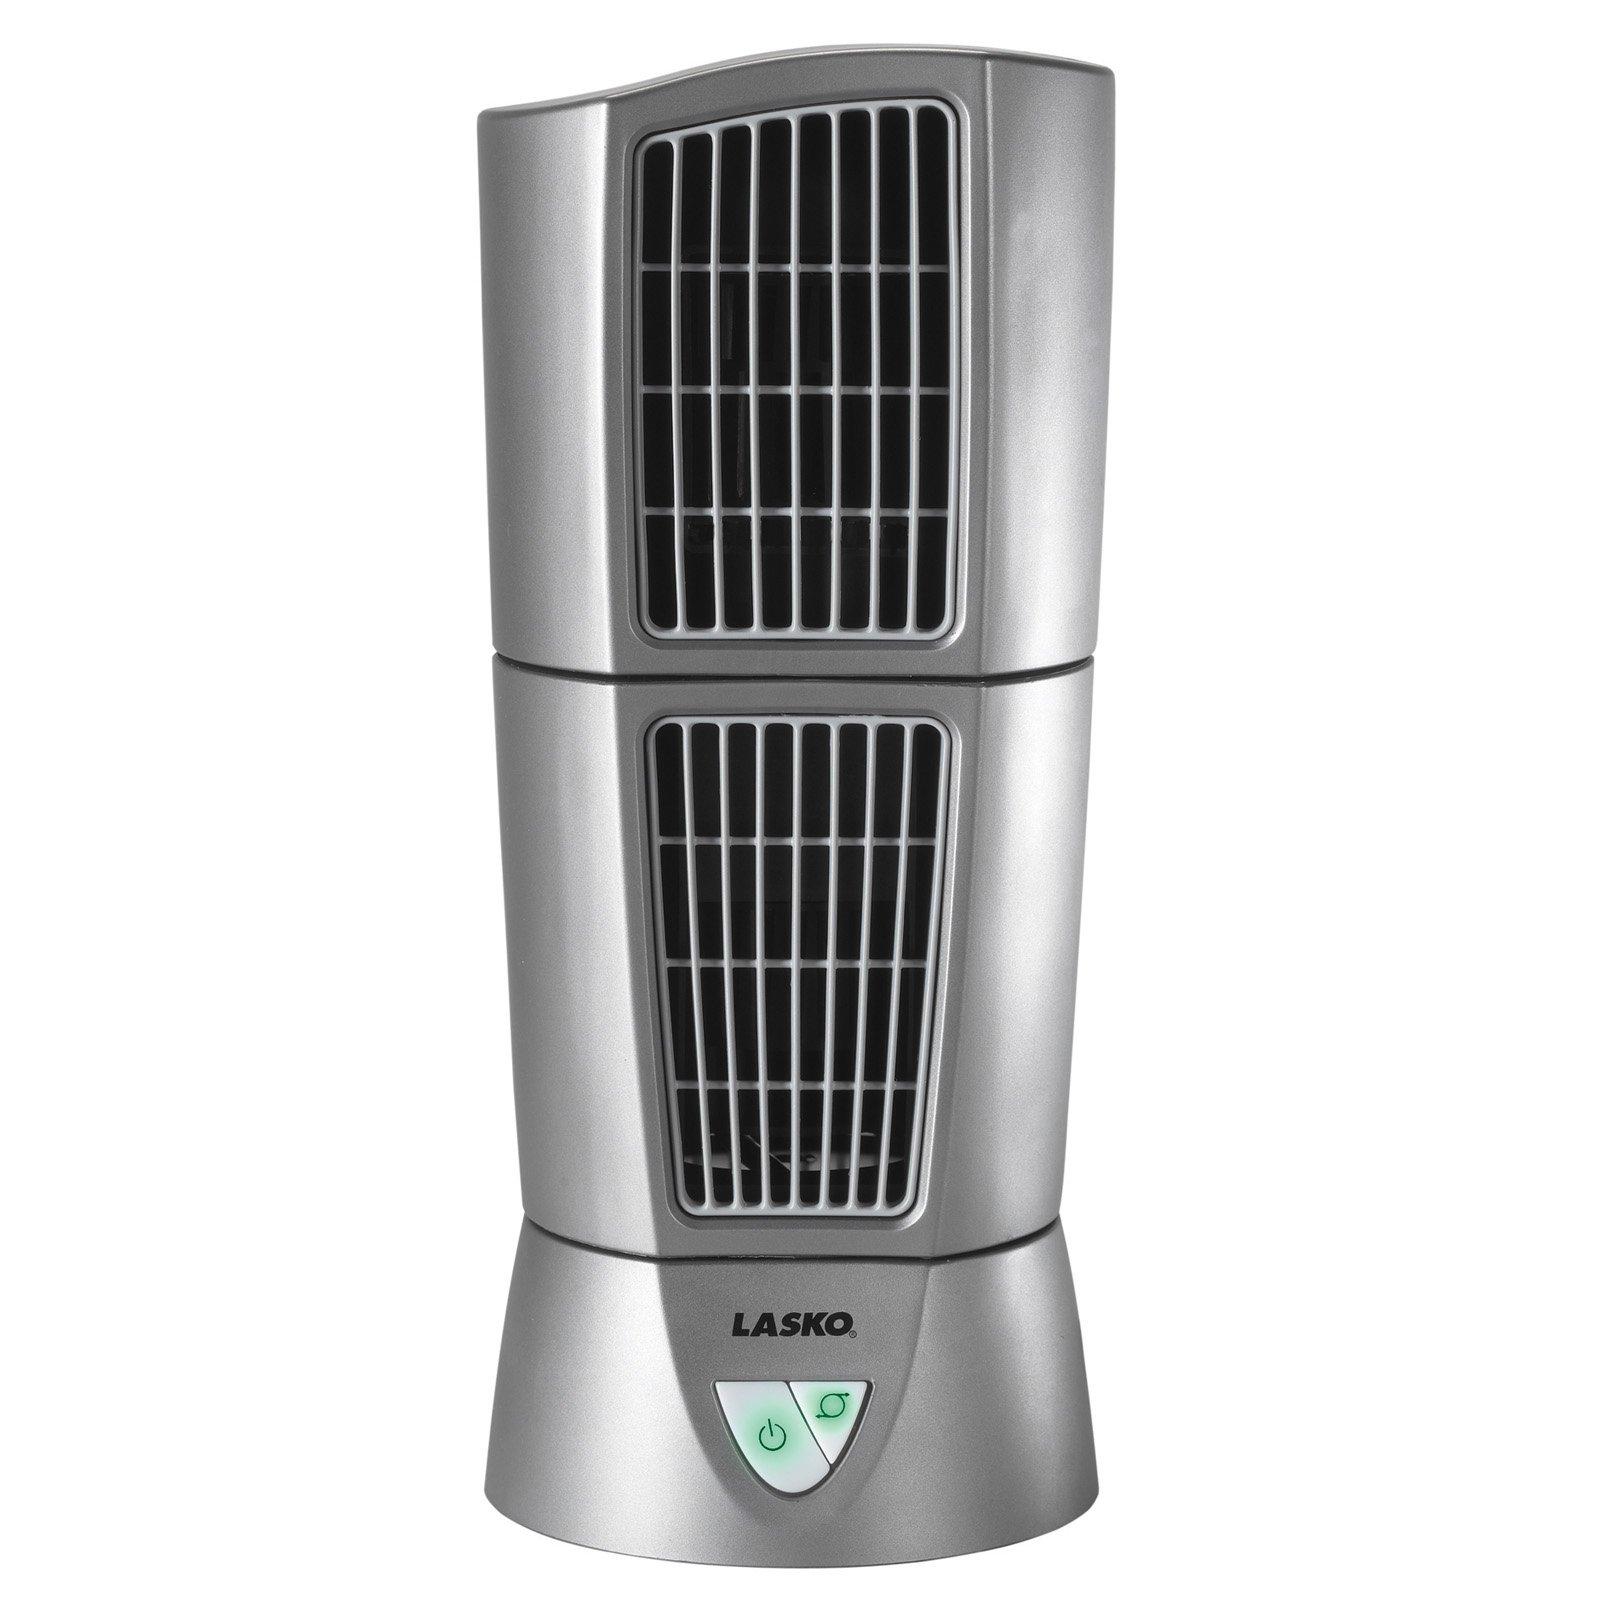 Lasko 4910 Platinum Desktop Wind Tower Products In 2019 Tower Fan Portable Fan Pedestal Fan